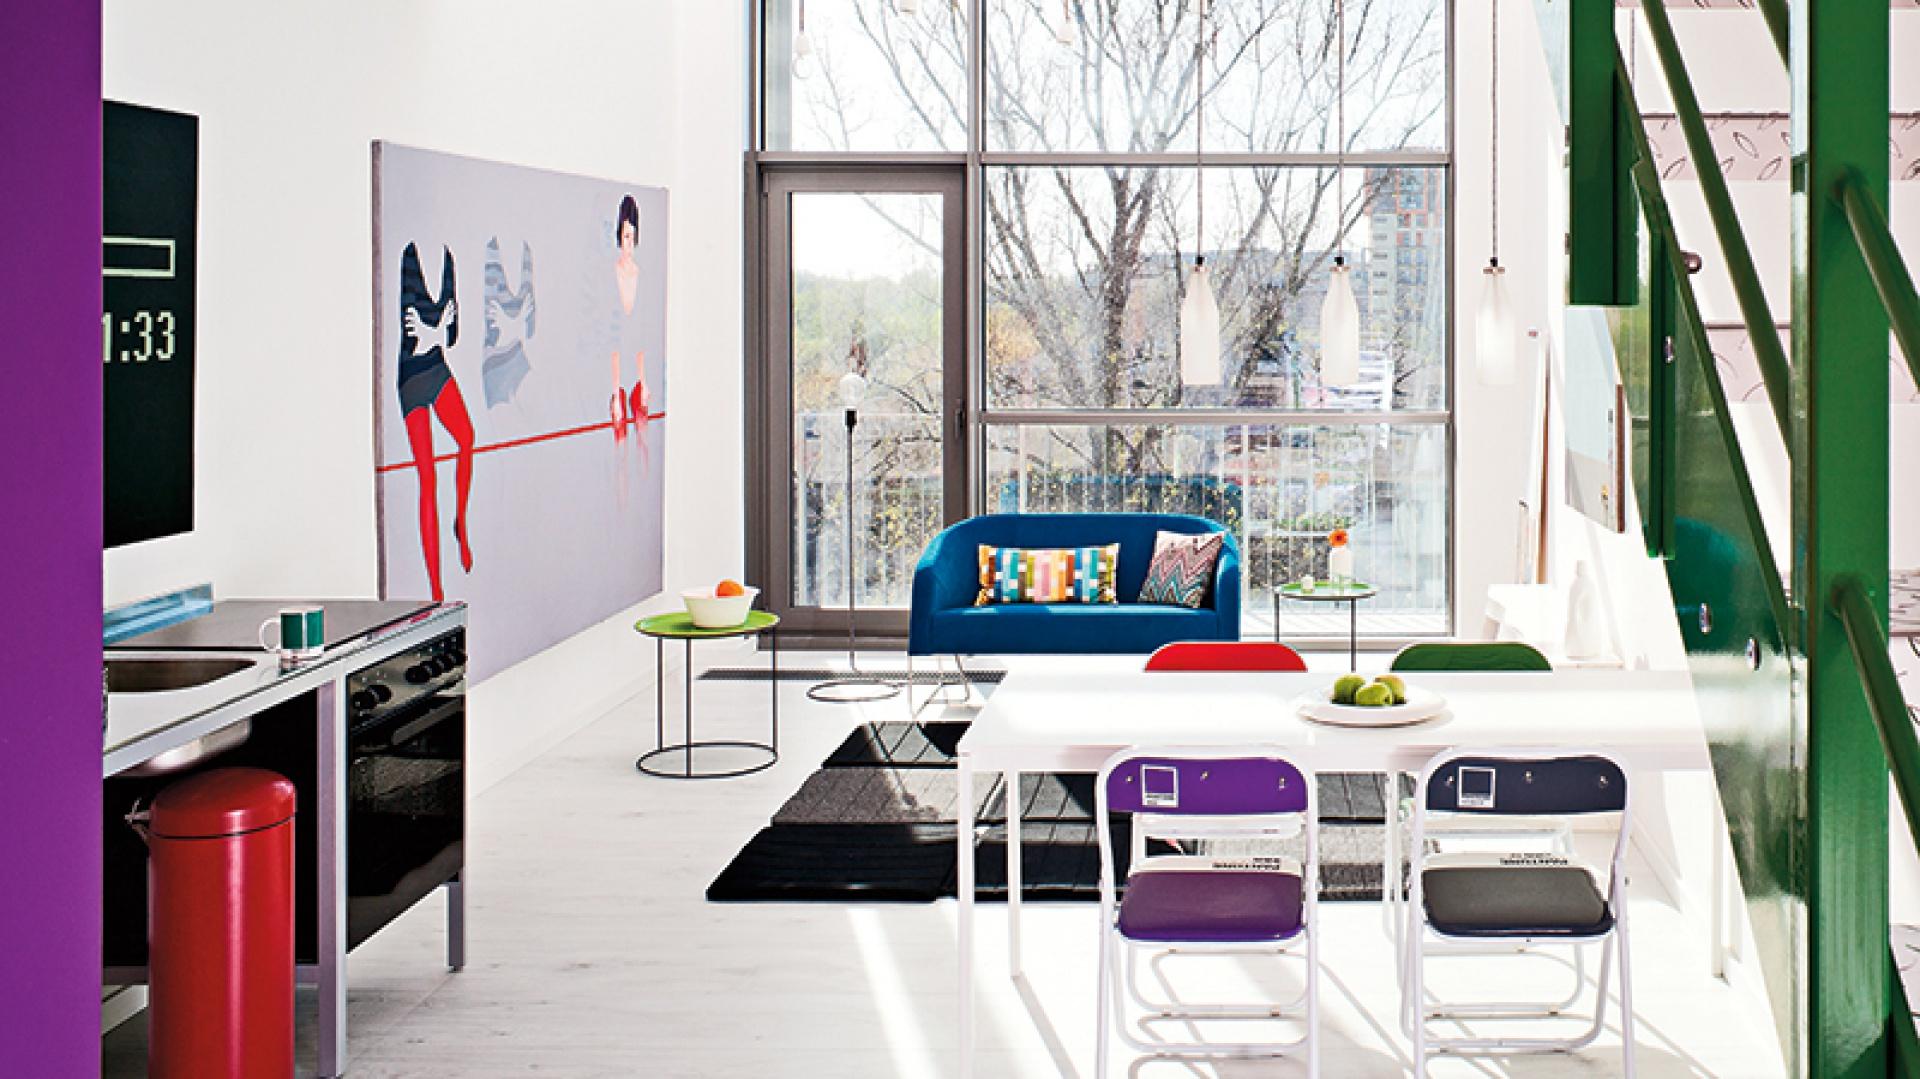 Wnętrze jest jasne i pełne światła, dzięki czemu loft wydaje się dużo większy niż w rzeczywistości. Taka przestrzeń pozwoliła także wyeksponować duże, kolorowe obrazy.